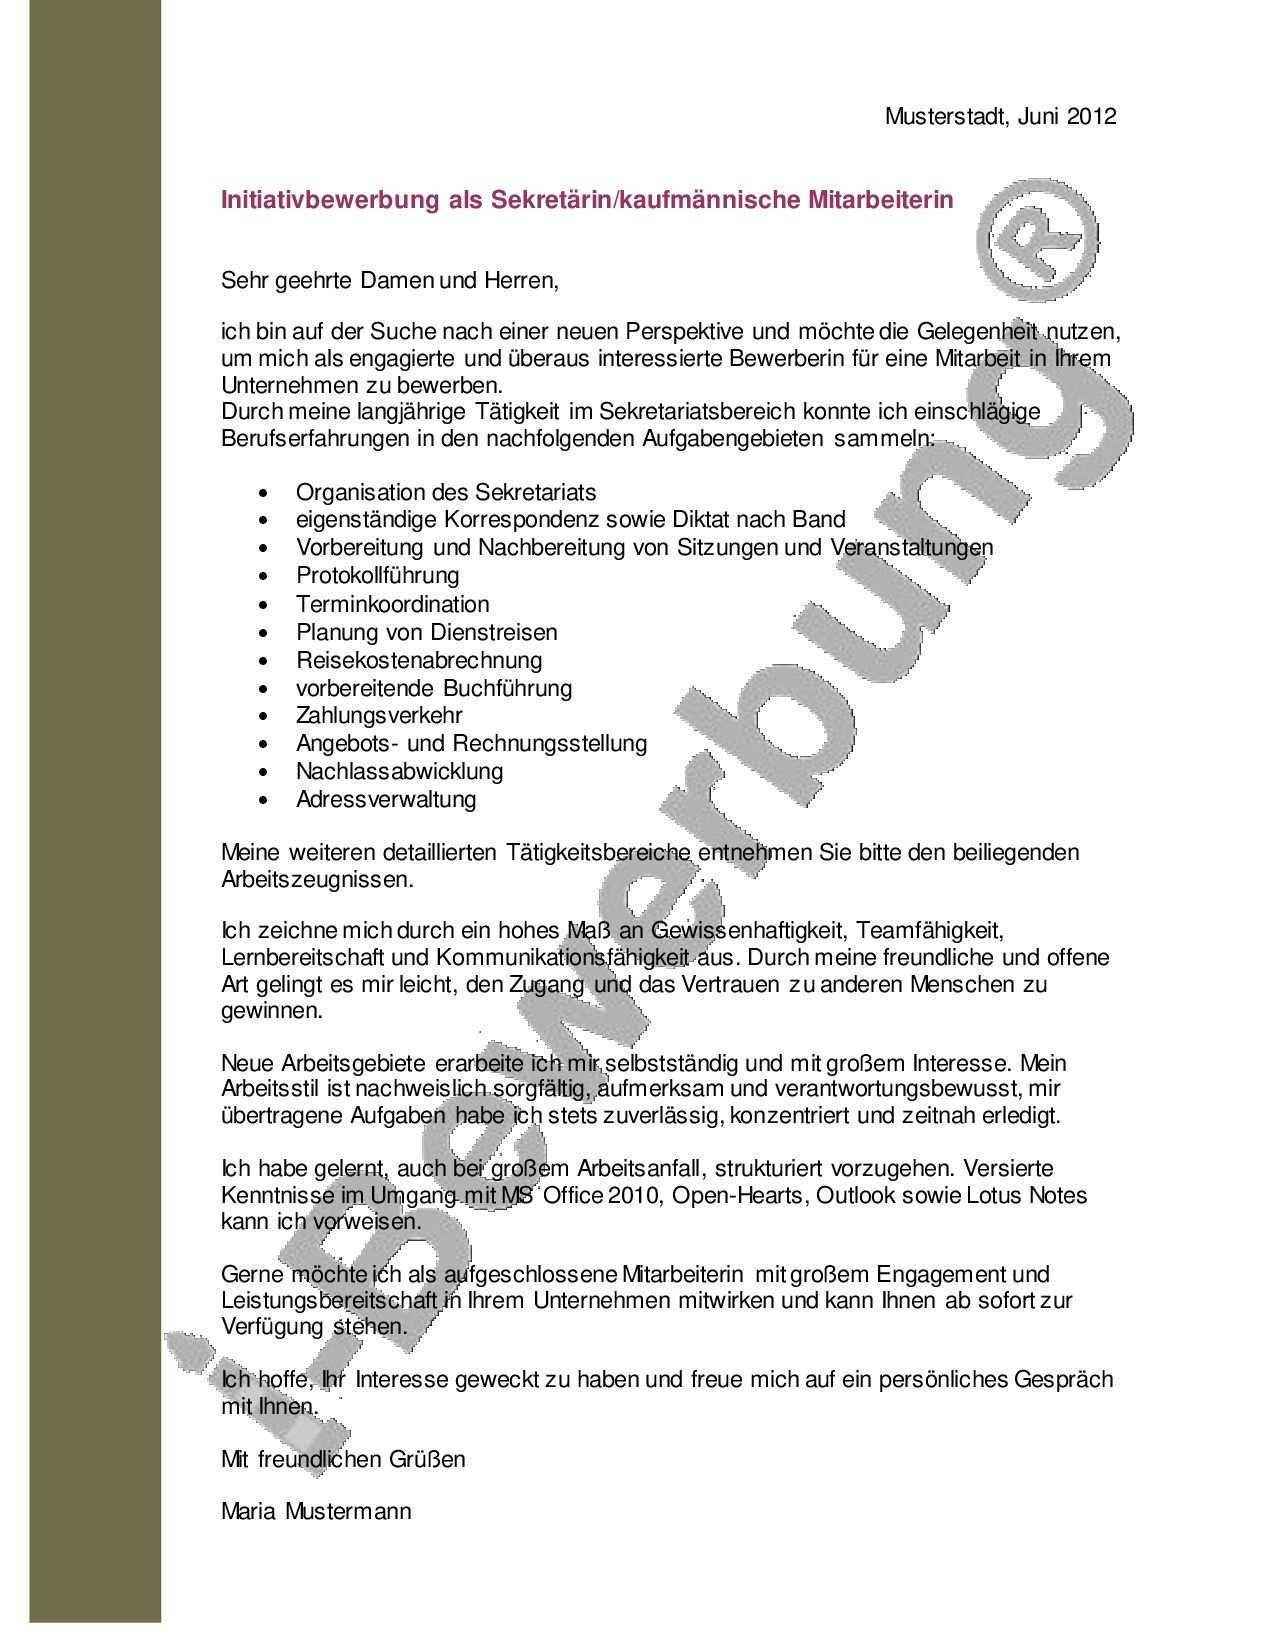 Muster Anschreiben Zur Initiativbewerbung Als Sekretarin Bewerbung Bewerbung Schreiben Bewerbung Anschreiben